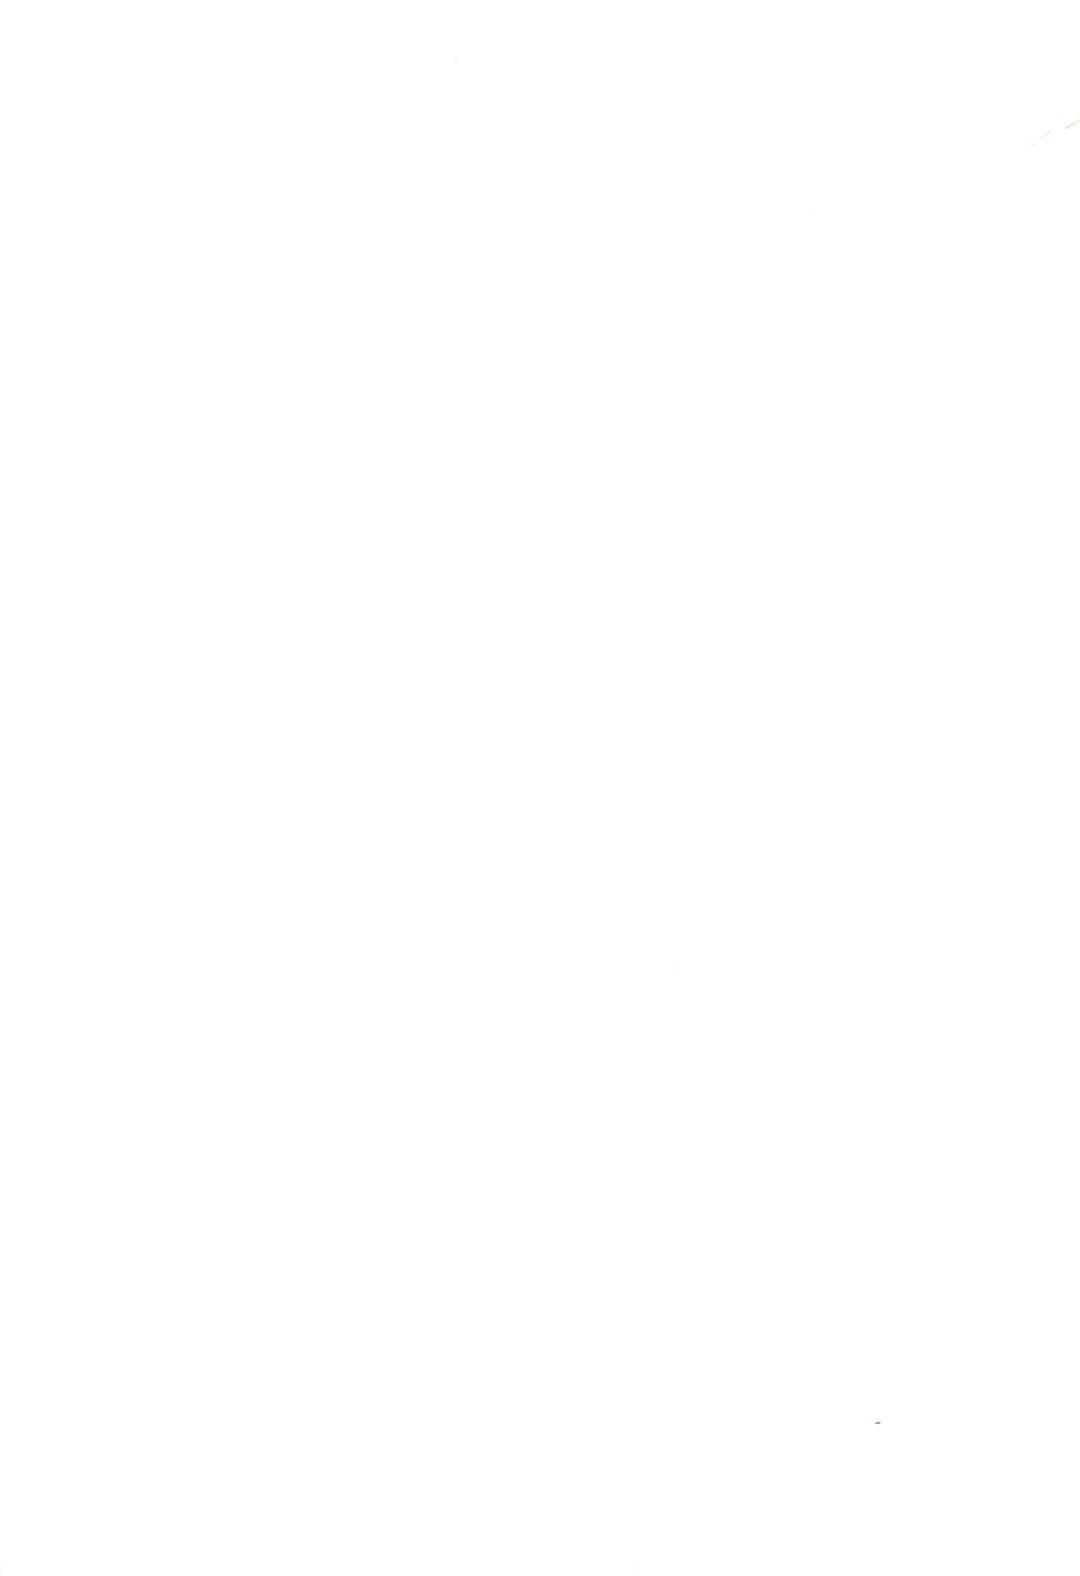 【ラブライブ!エロ漫画】酔っ払った海未に迫られたことりは、クンニで責められると具合わせでアクメする【めちこ】